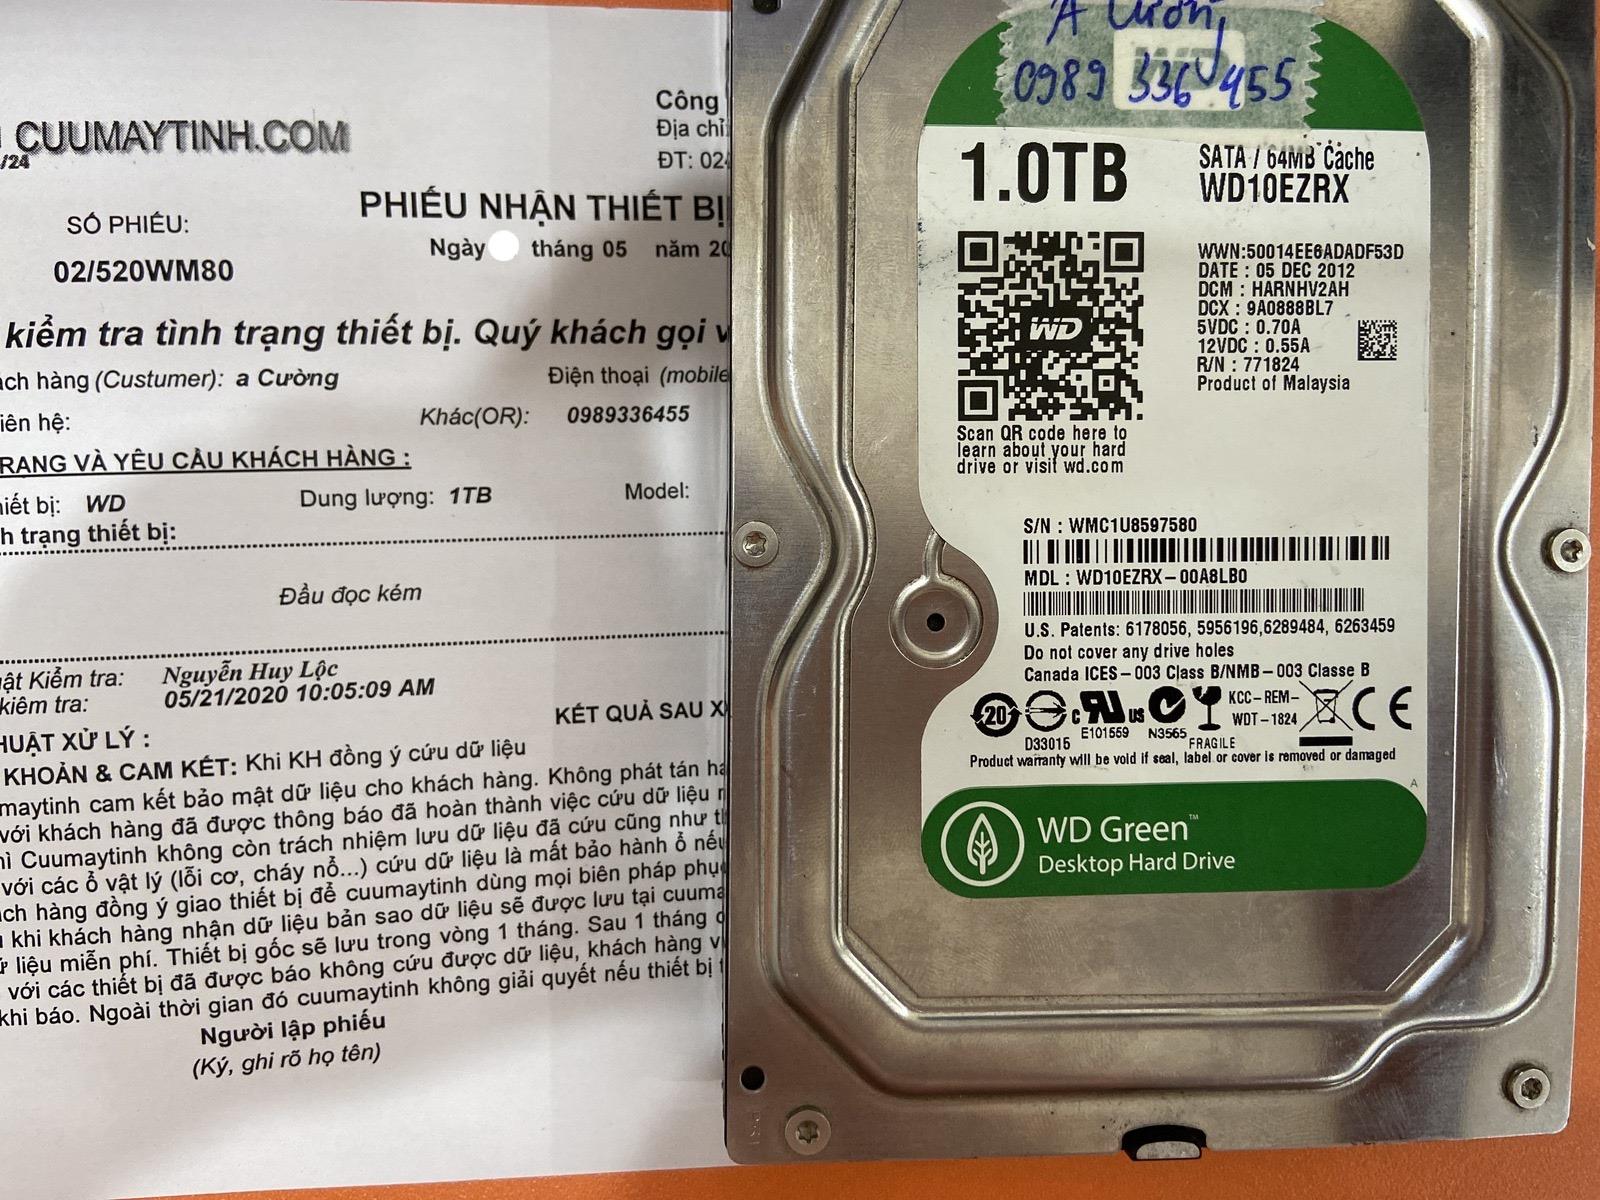 Cứu dữ liệu ổ cứng Western 1TB đầu đọc kém 28/05/2020 - cuumaytinh